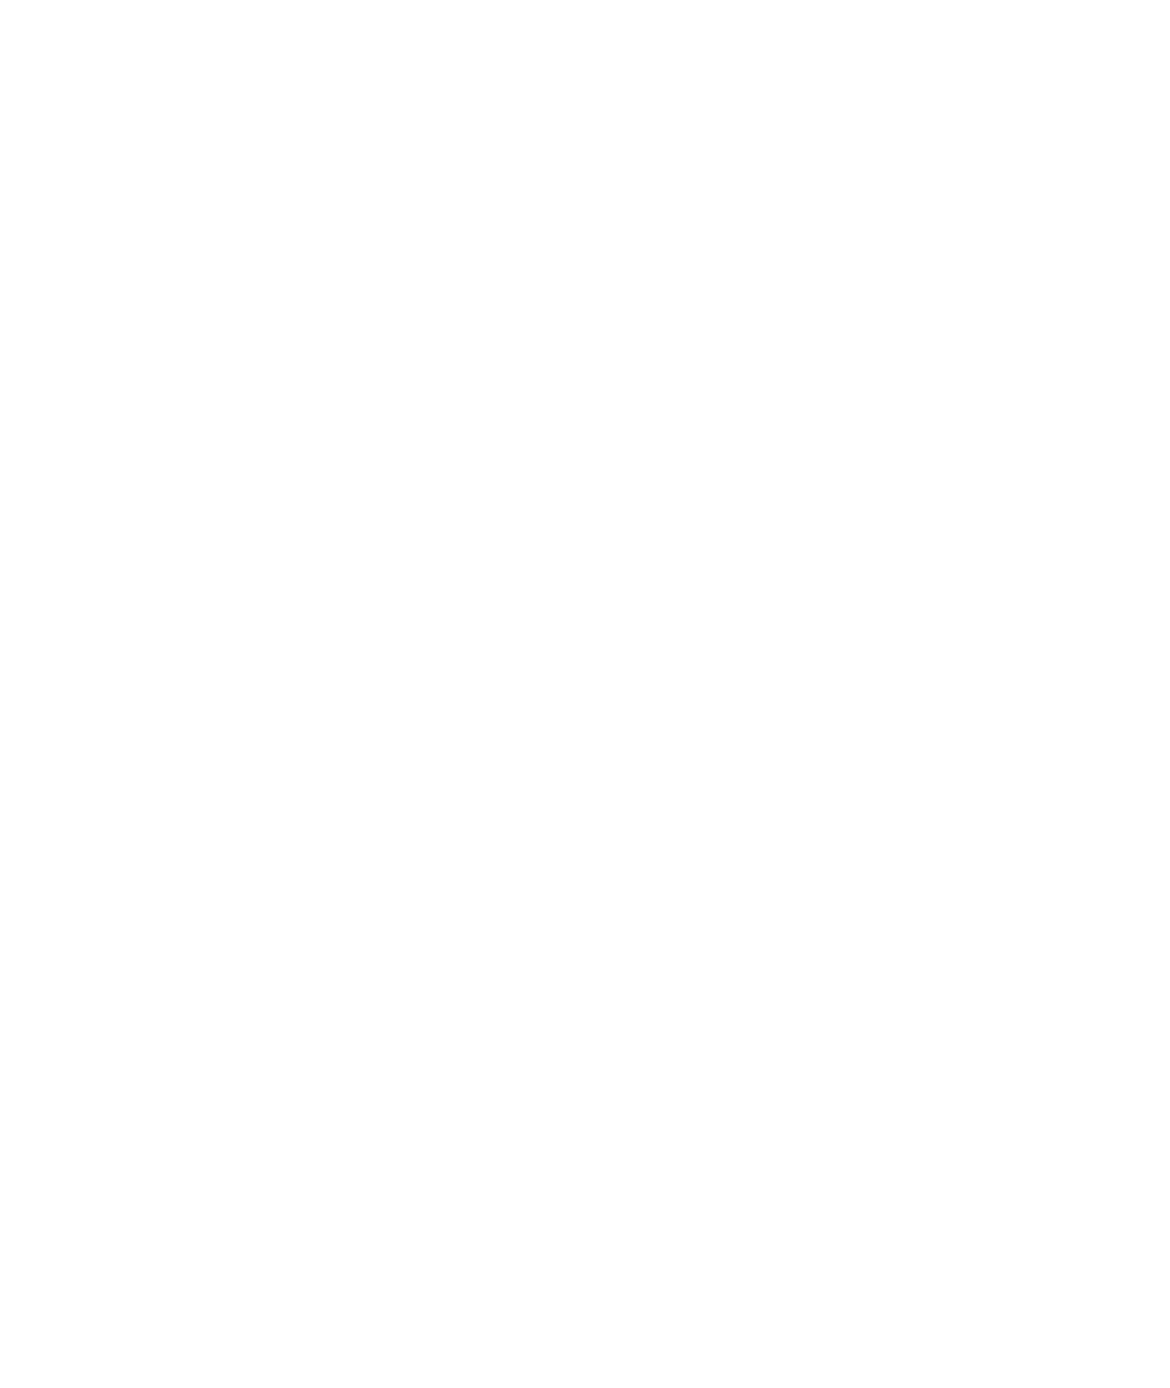 eap-logo-blanco-05